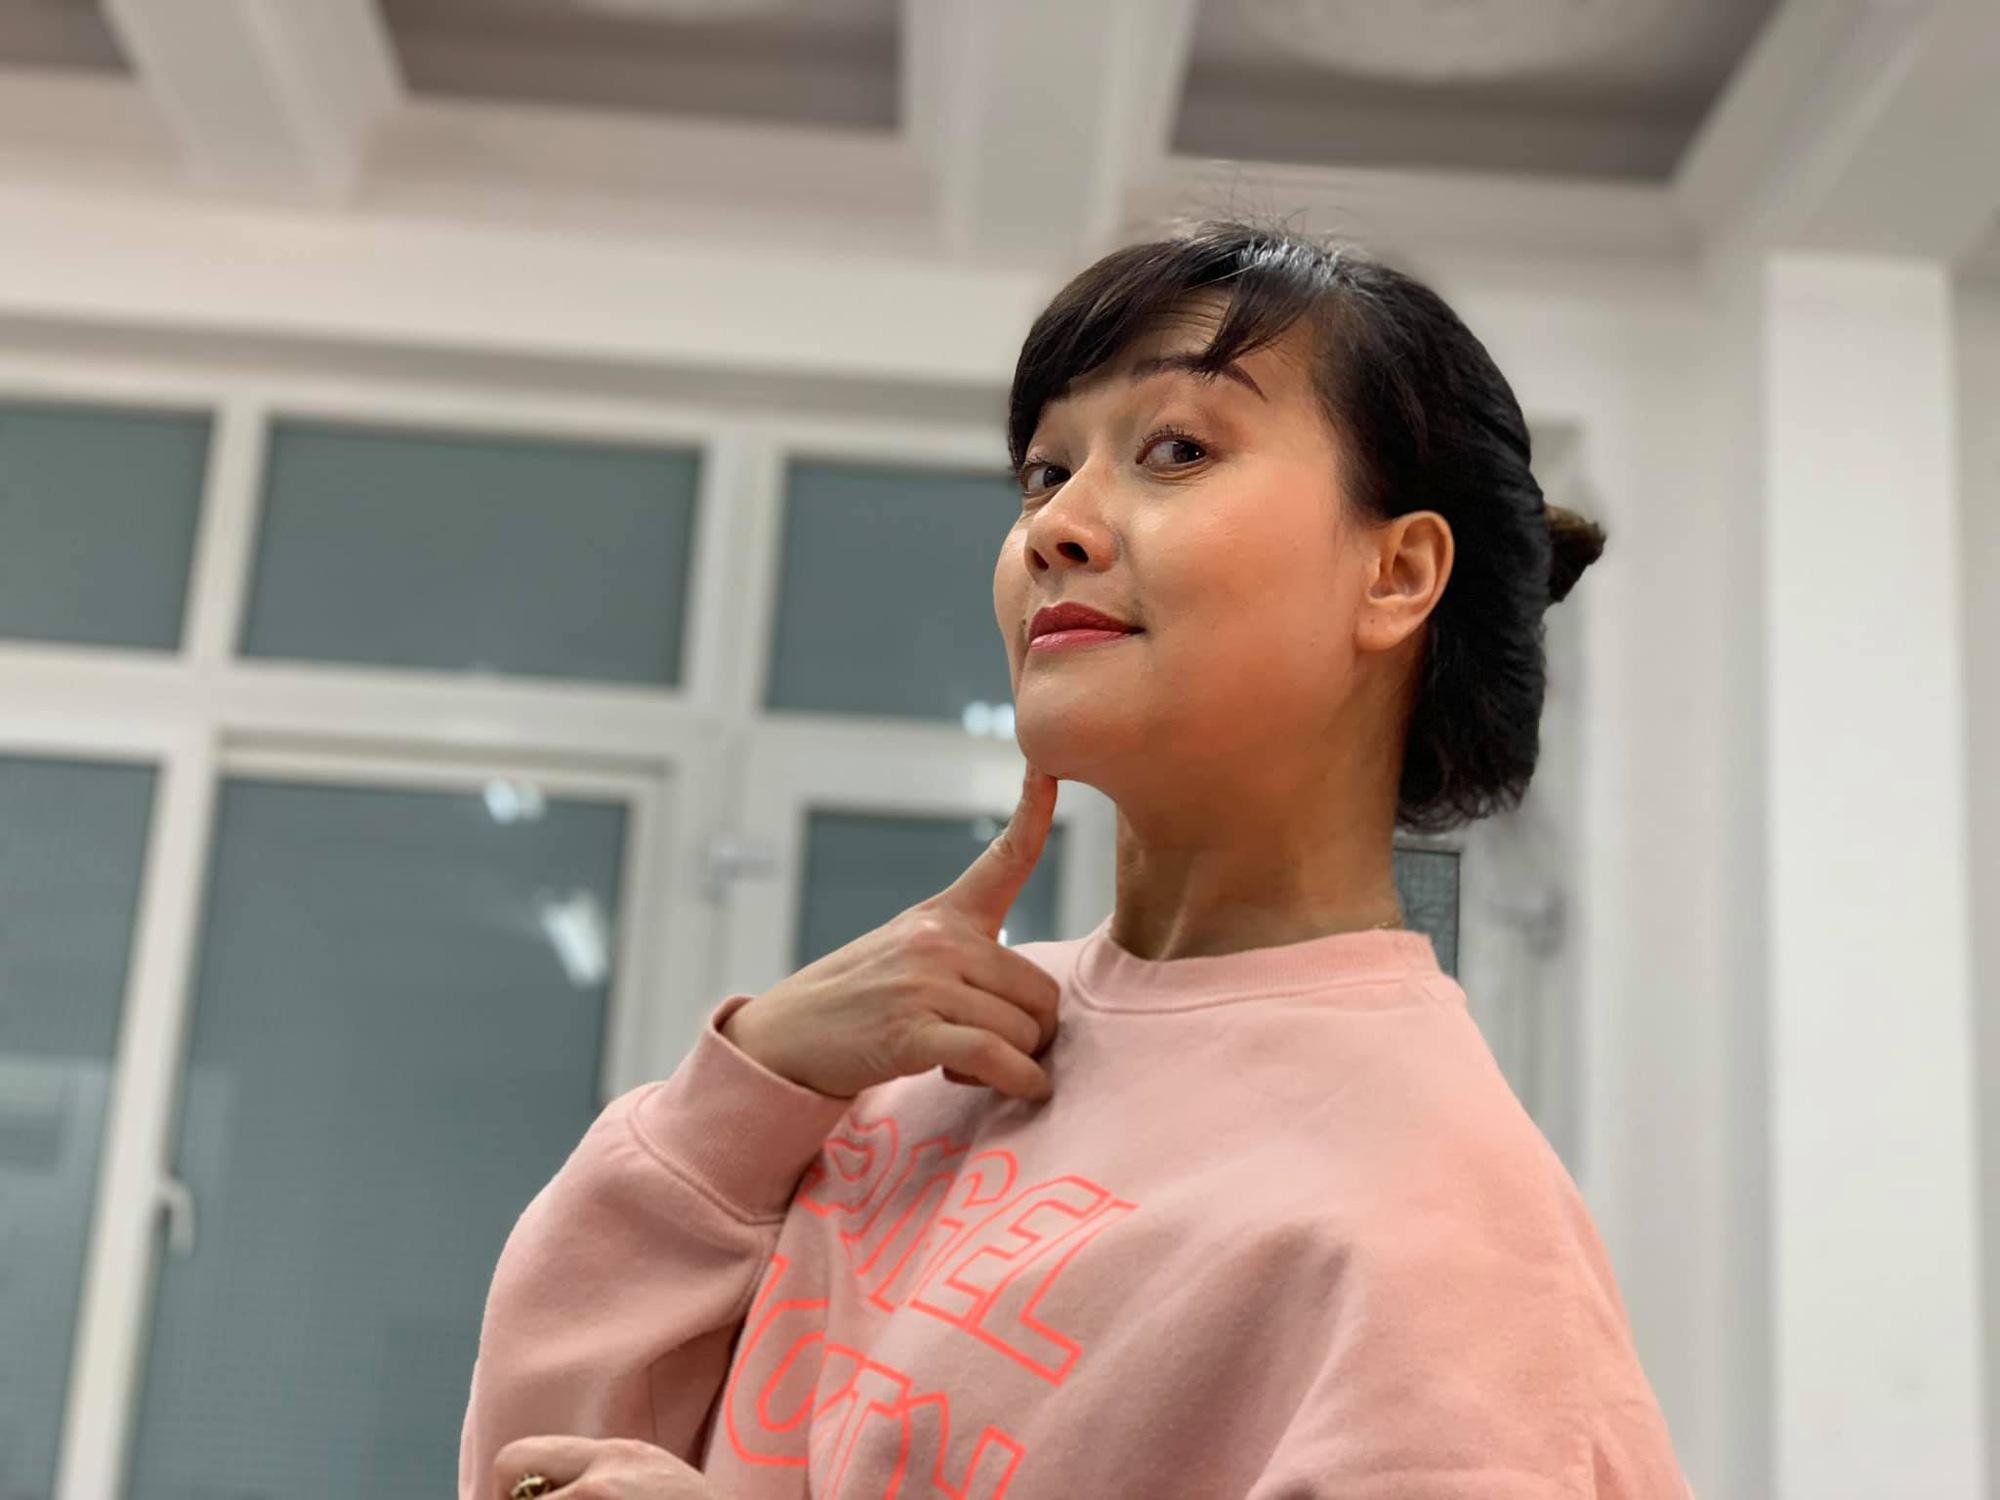 """Thực hư chuyện NSƯT Quốc Khánh không đóng Ngọc Hoàng """"Táo Quân"""" 2021, VFC nói gì? - Ảnh 2."""